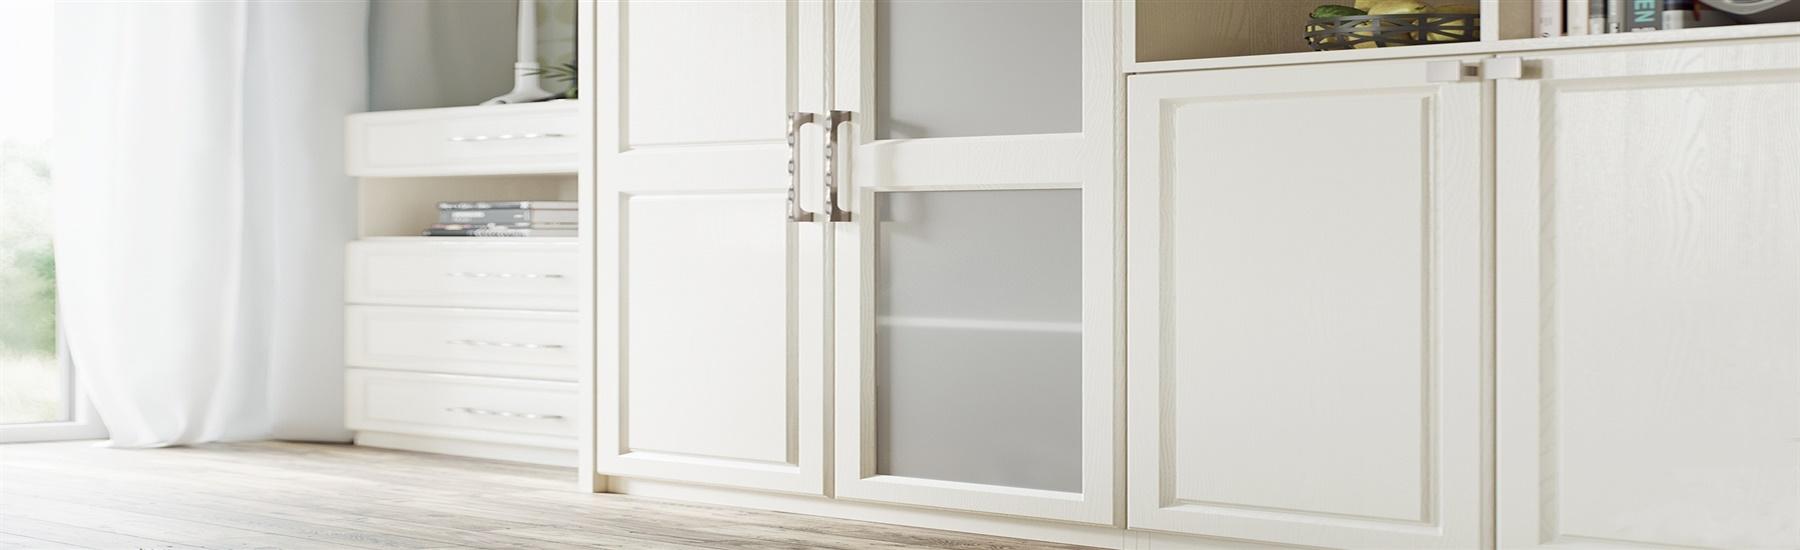 doors-for-wardrobes1